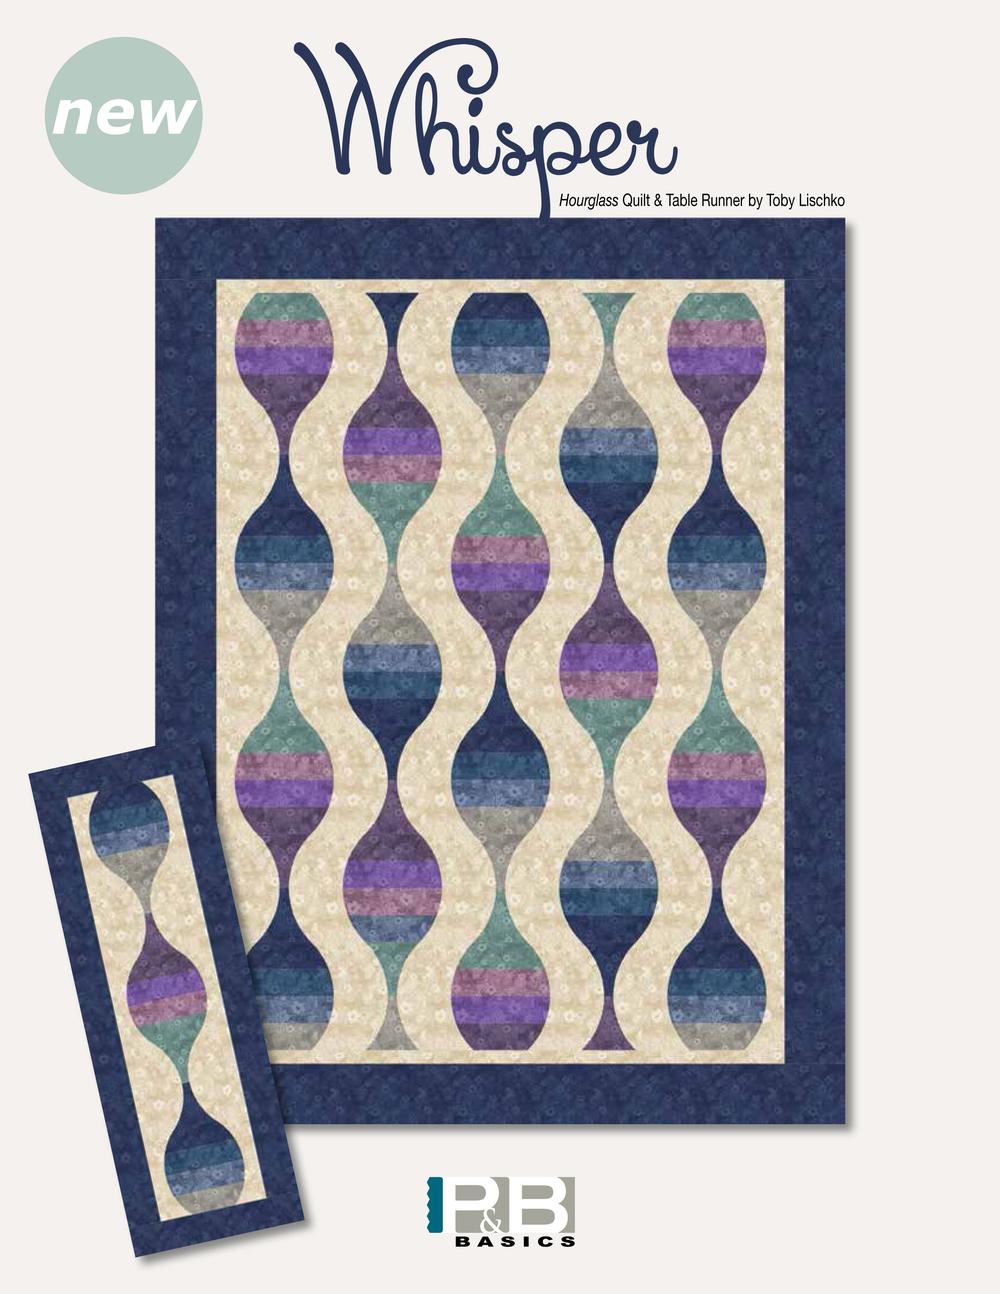 Hourglass Quilt & Table Runner by: Toby Lischko Whisper